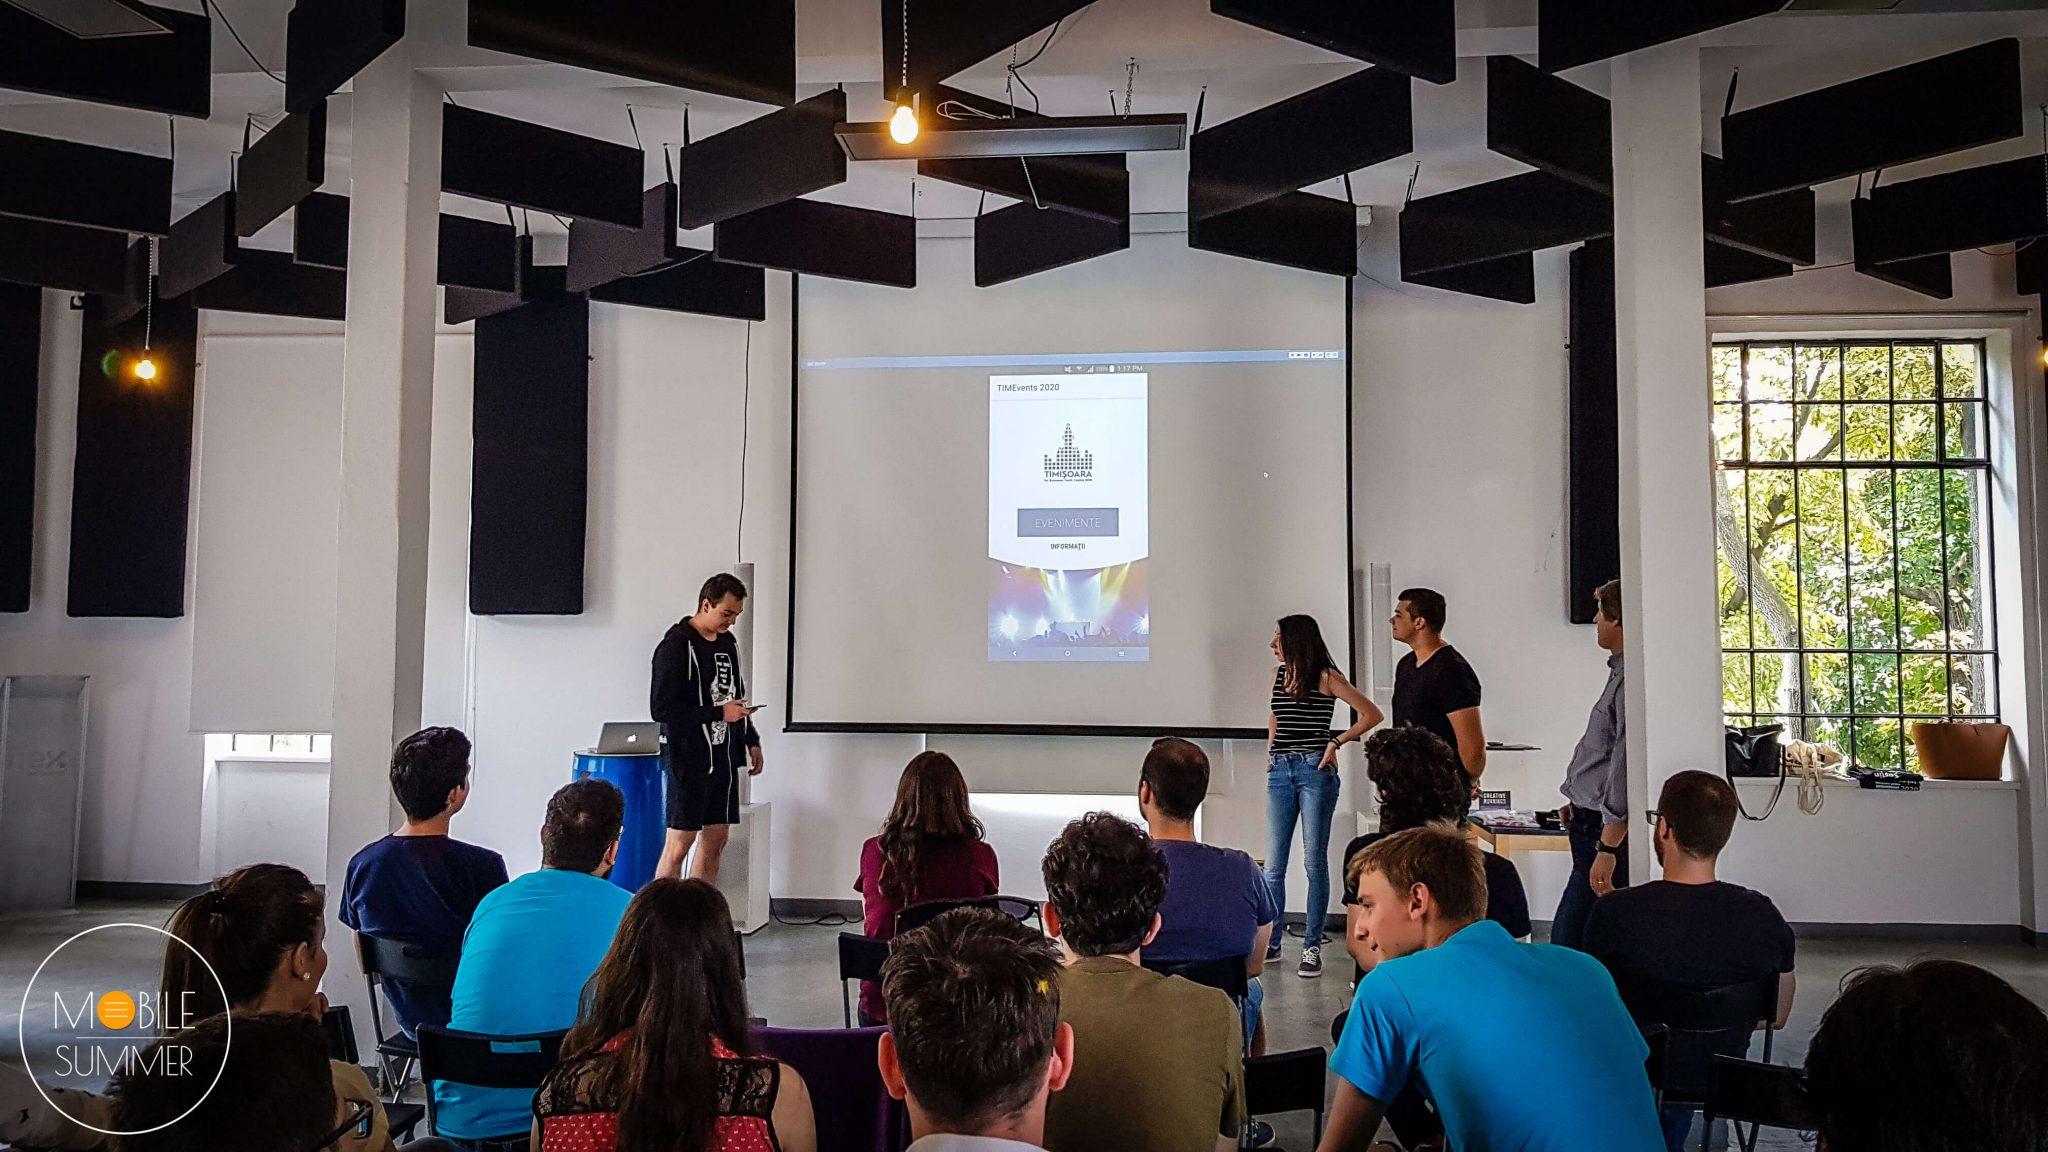 Mobile Summer 4.0 - city apps - app presentations - team fitt timisoara